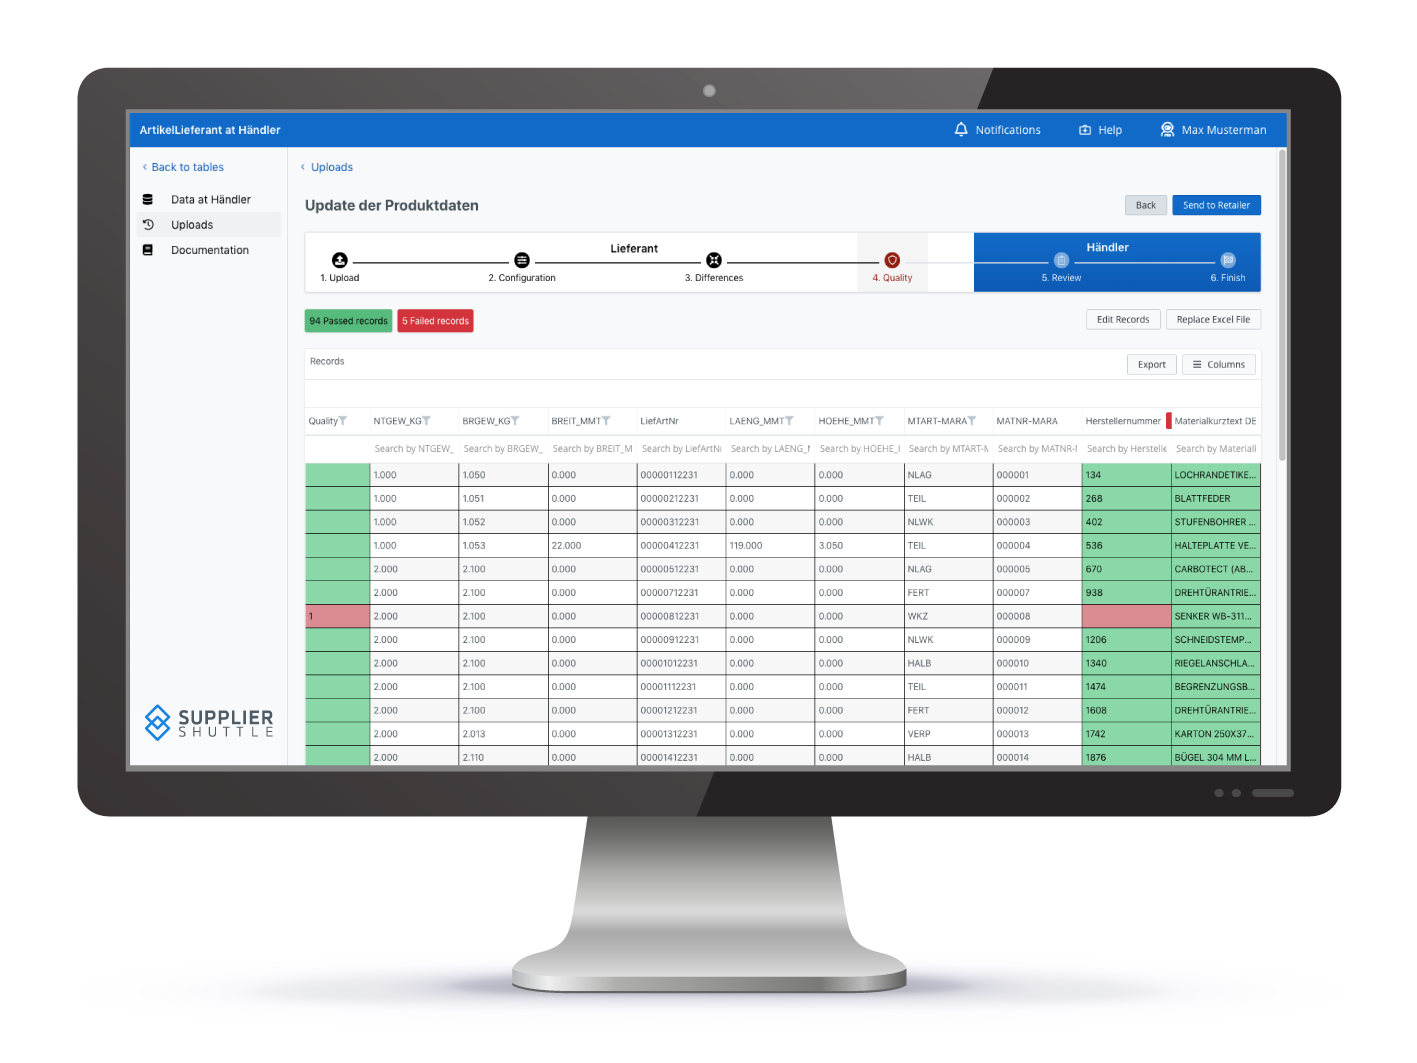 In dem übersichtlichen Layout der webbasierten Anwendung werden nicht nur fehlerhafte Informationen direkt hervorgehoben, sondern auch alle Änderungen von Datensätzen nach der Aktualisierung von Produktdaten visualisiert. Dies vereinfacht die Überprüfung und Nachvollziehbarkeit beim Datenupdate.